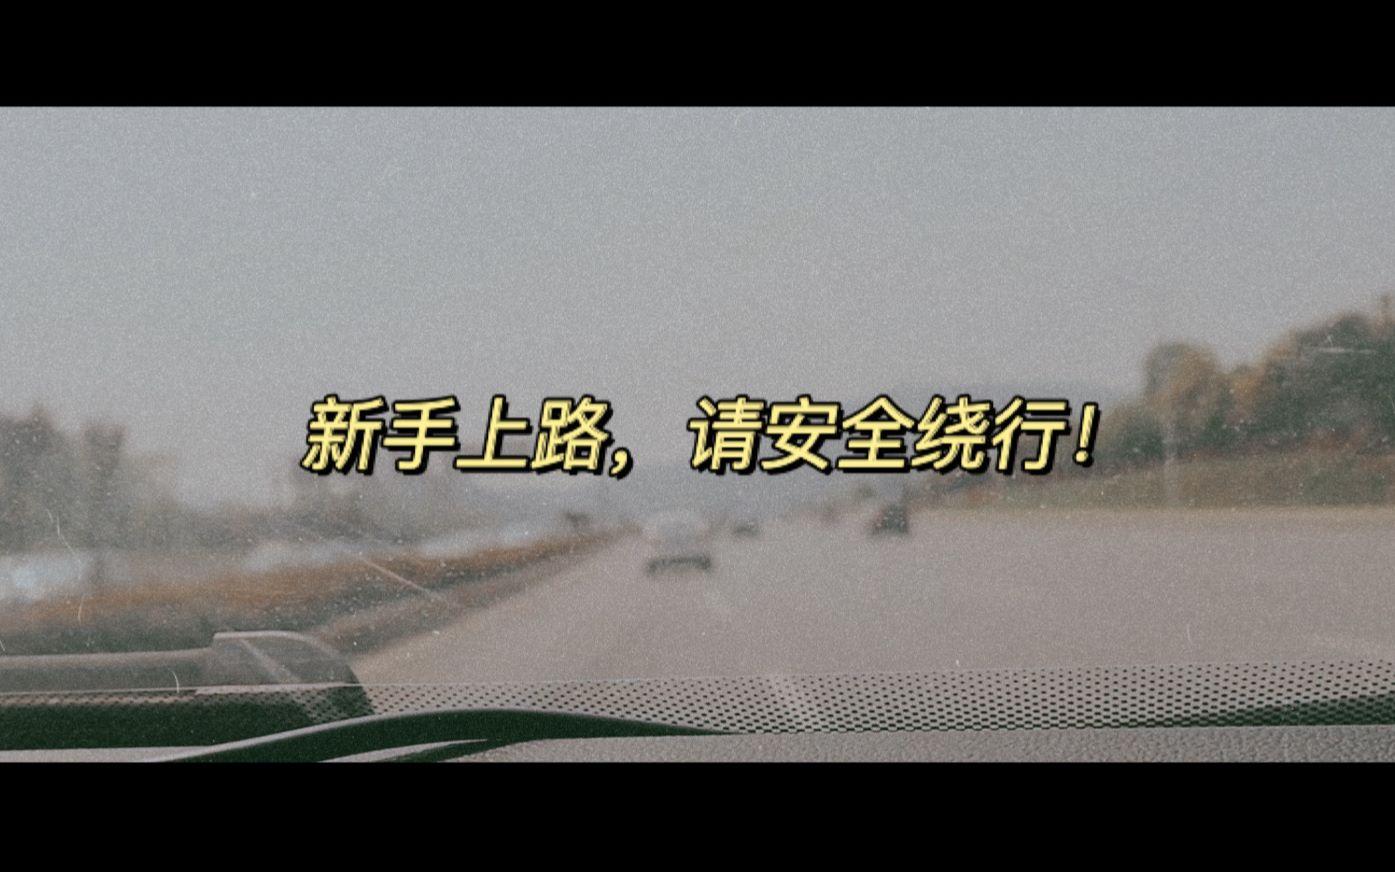 女被捂晕_一个新手女司机的自白 | 第一次独自开车上路,被喇叭声吓晕 ...